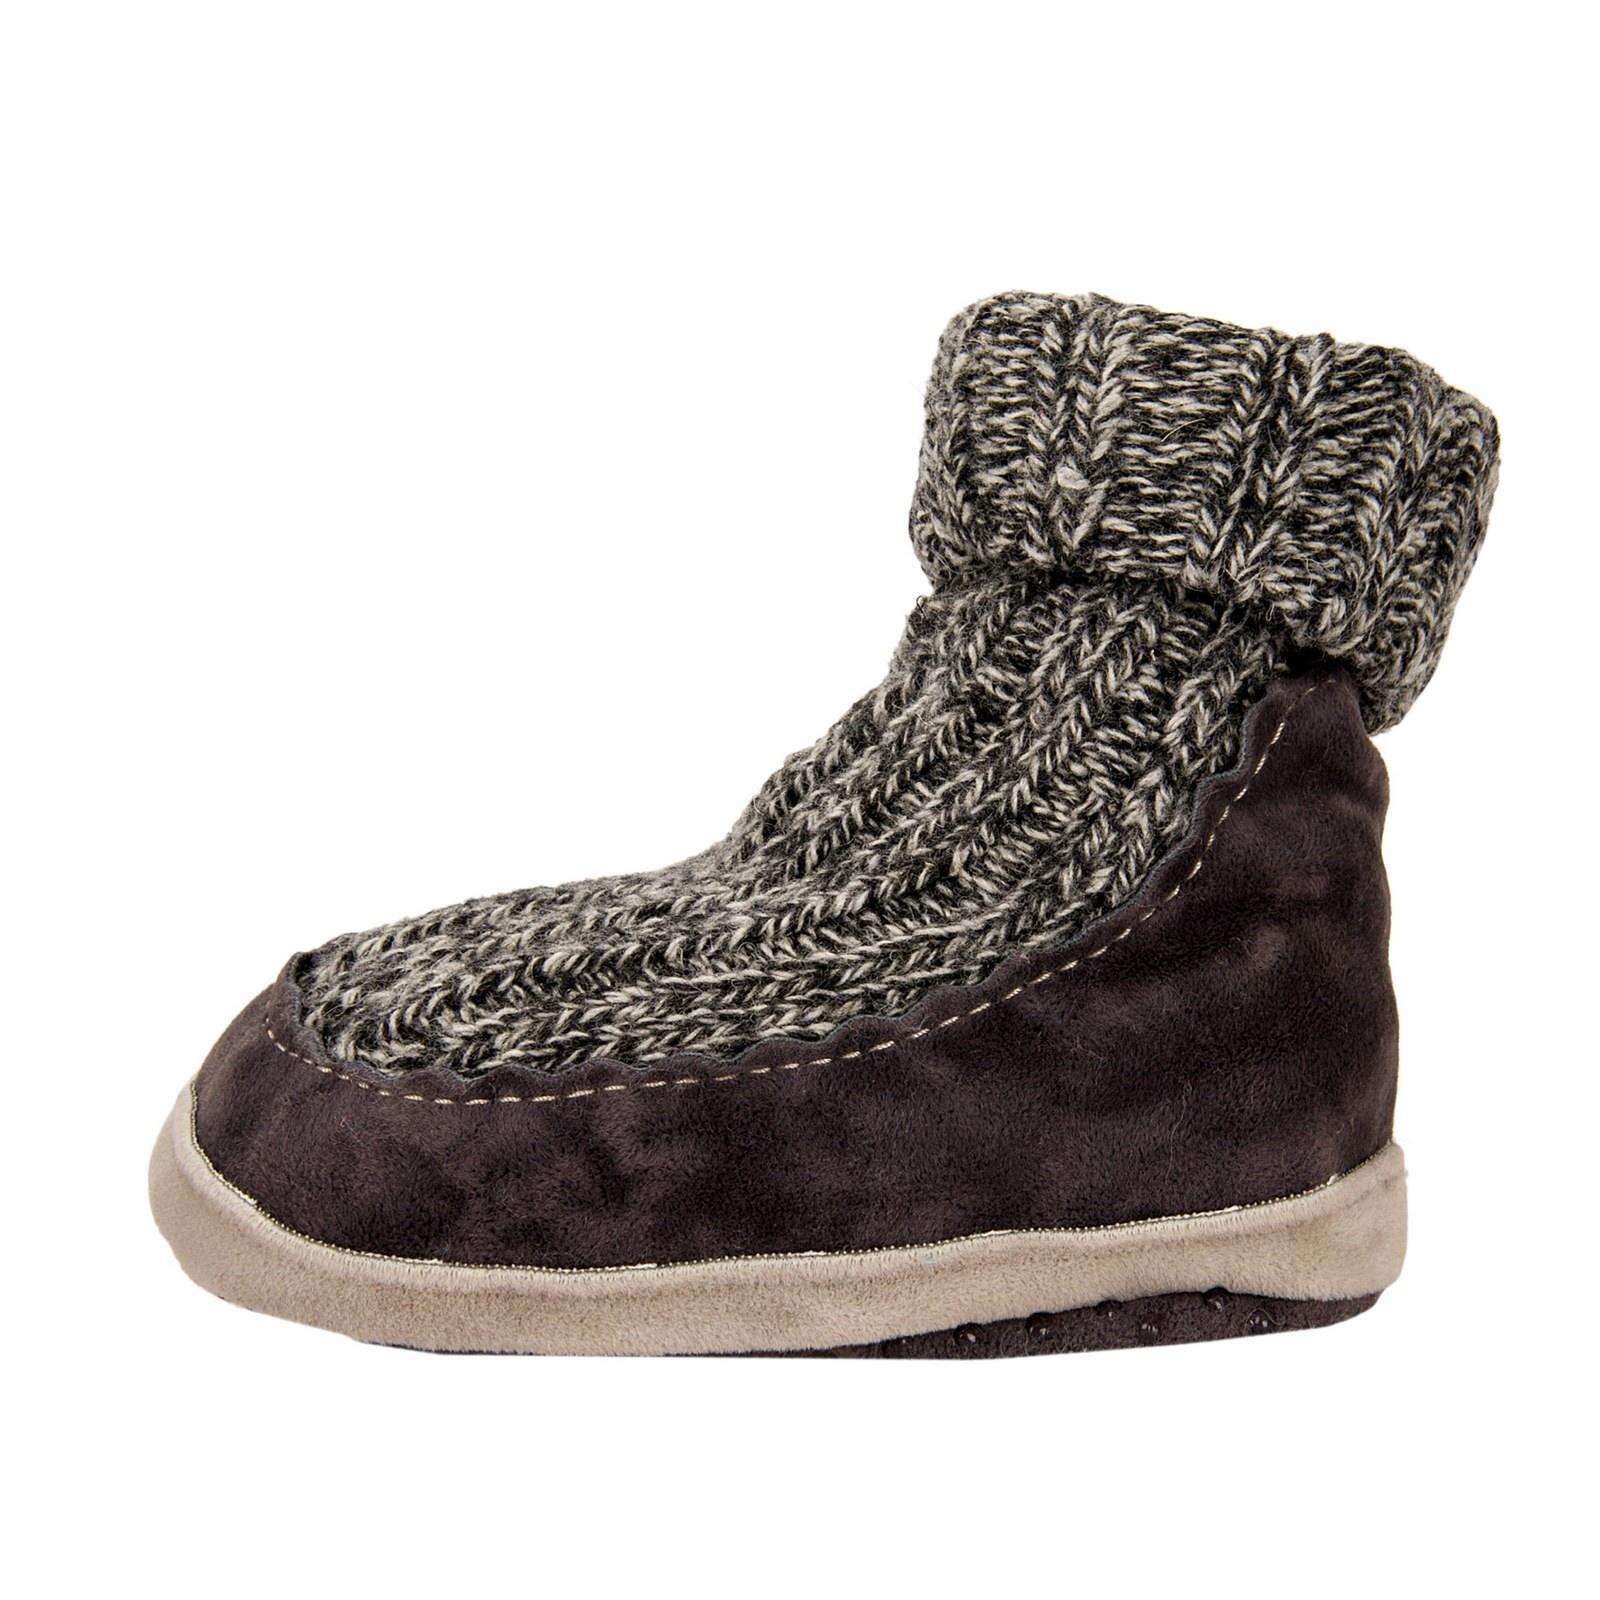 Тапочки Bellavia носки тапочки детские bellavia цвет черный 22 23 b bc ts 100 черный размер 23